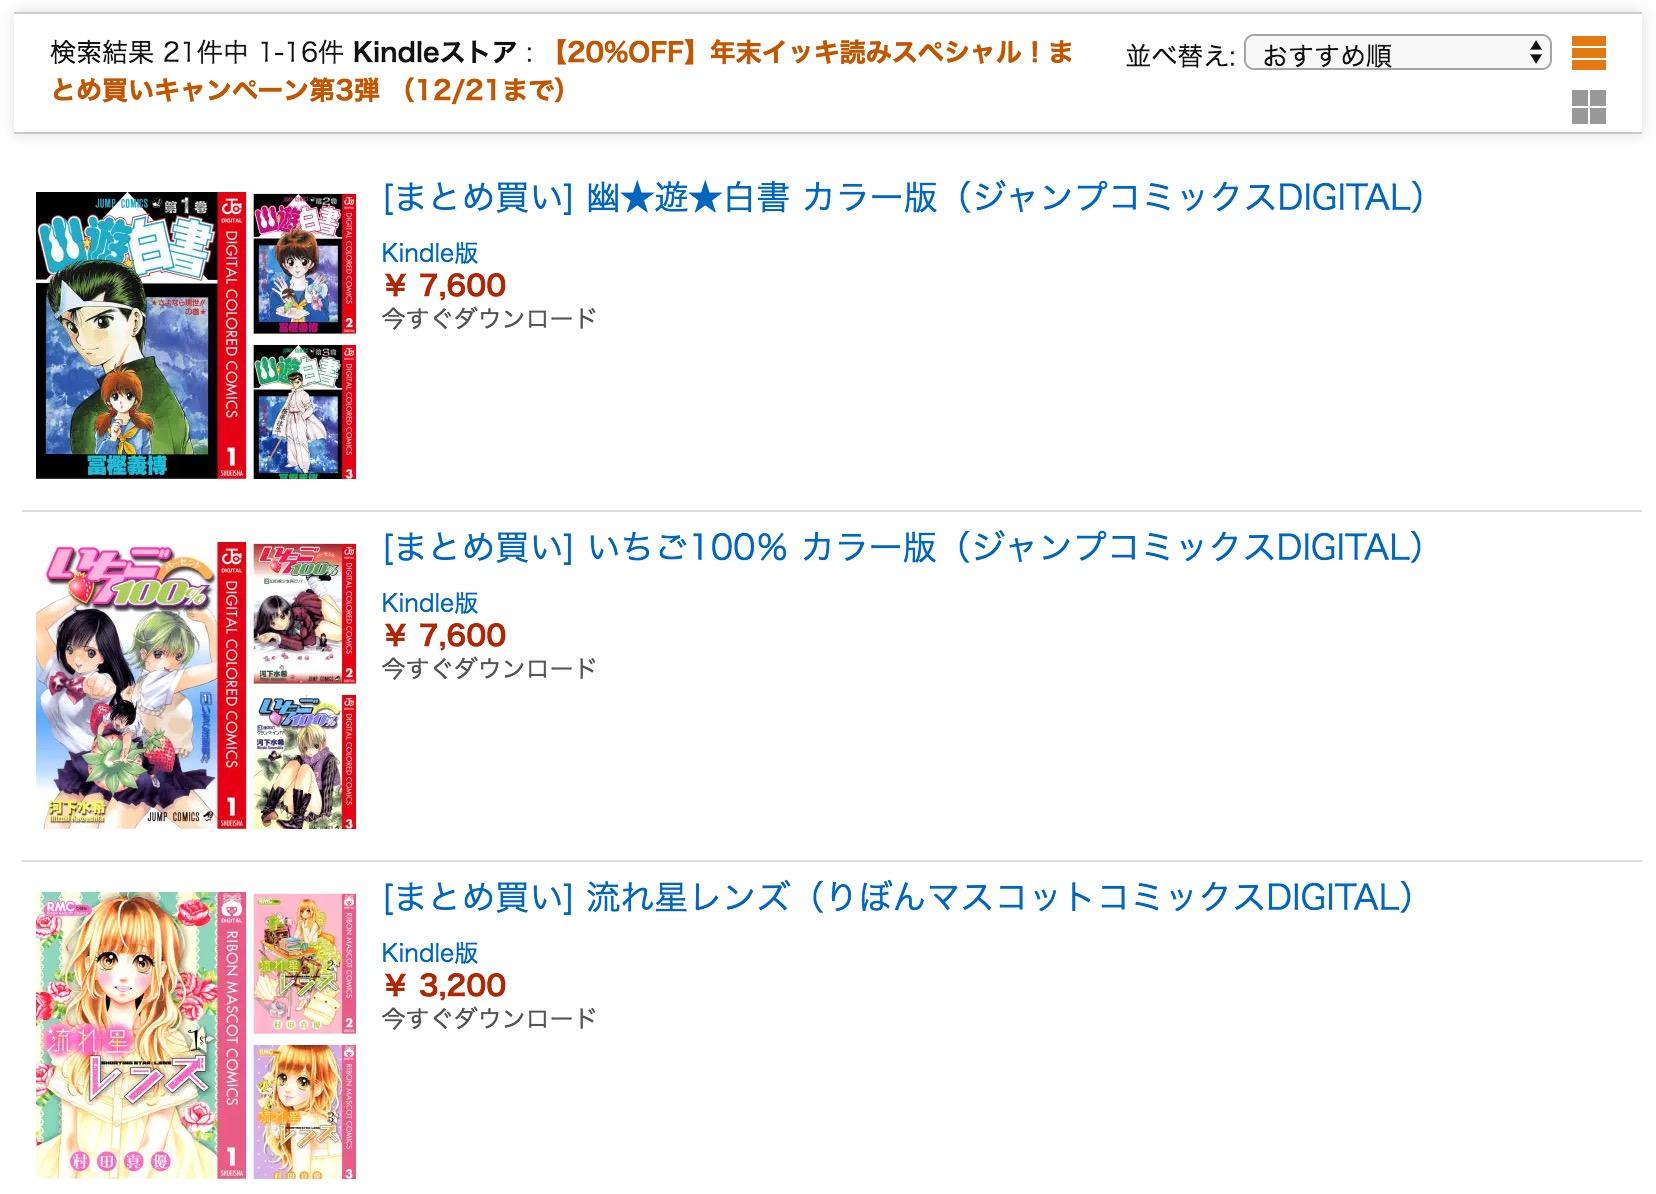 【Kindle】【20%OFF】年末イッキ読みスペシャル!まとめ買いキャンペーン第3弾(12/21まで)